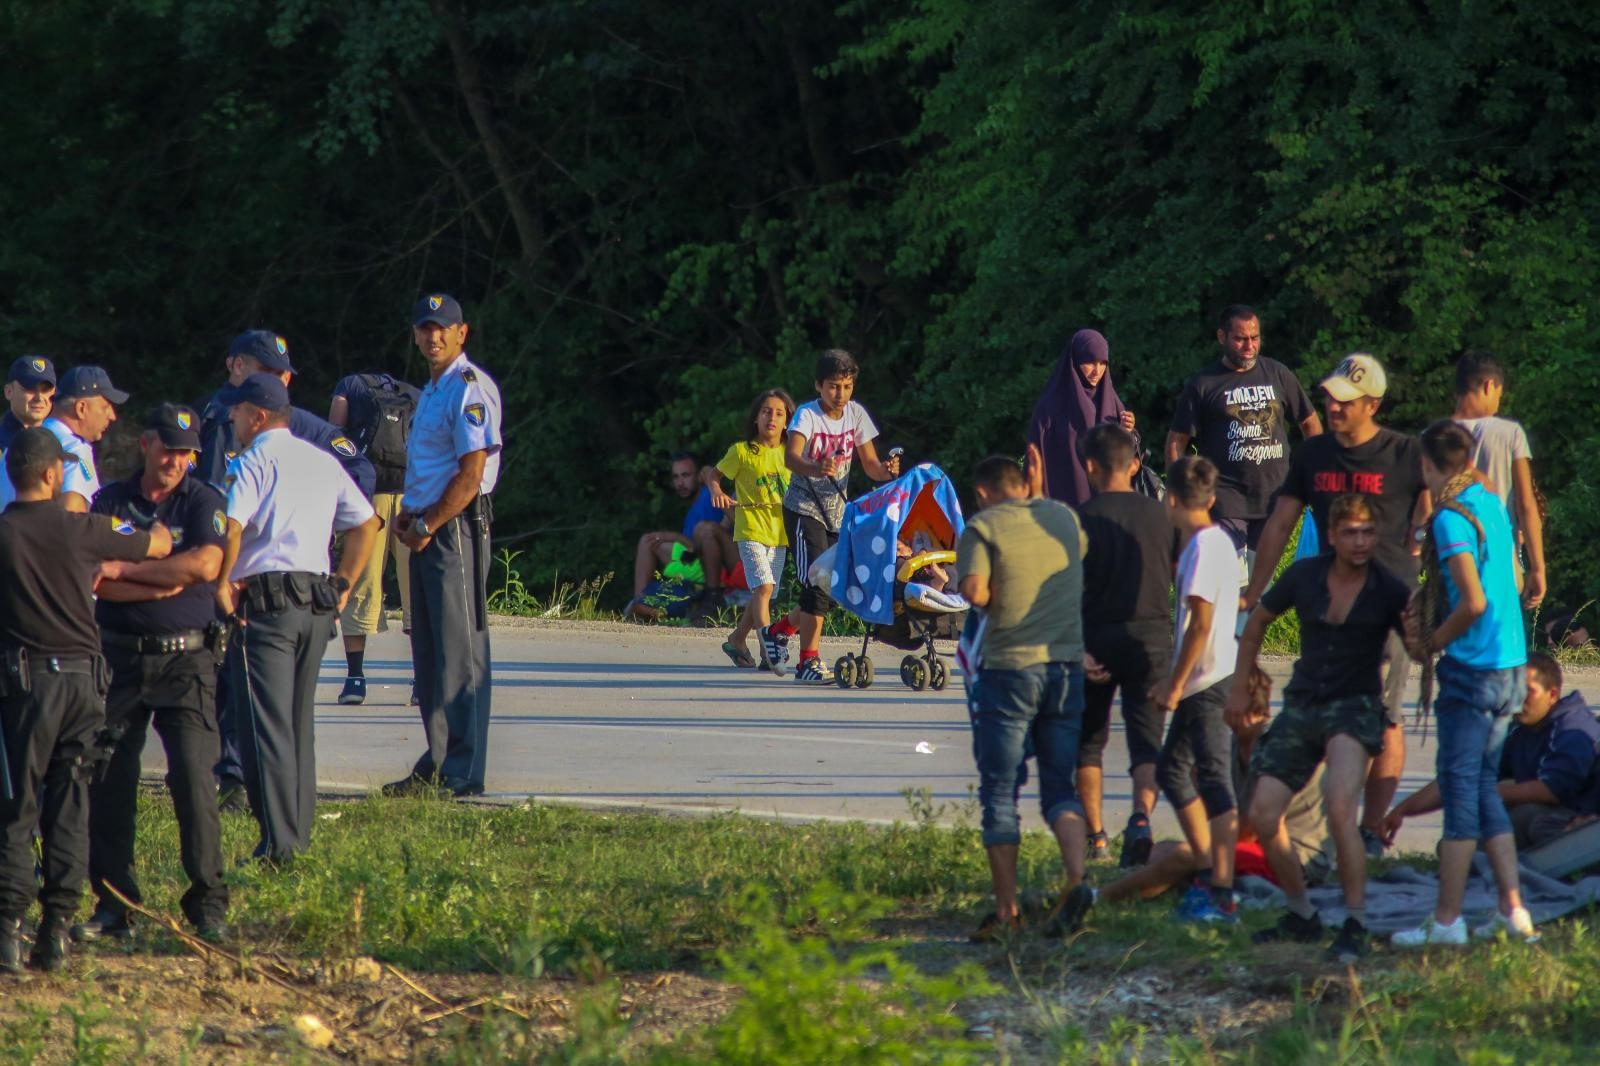 Policija zaustavila veću skupinu migranata koji su iz BiH željeli prijeći u Hrvatsku